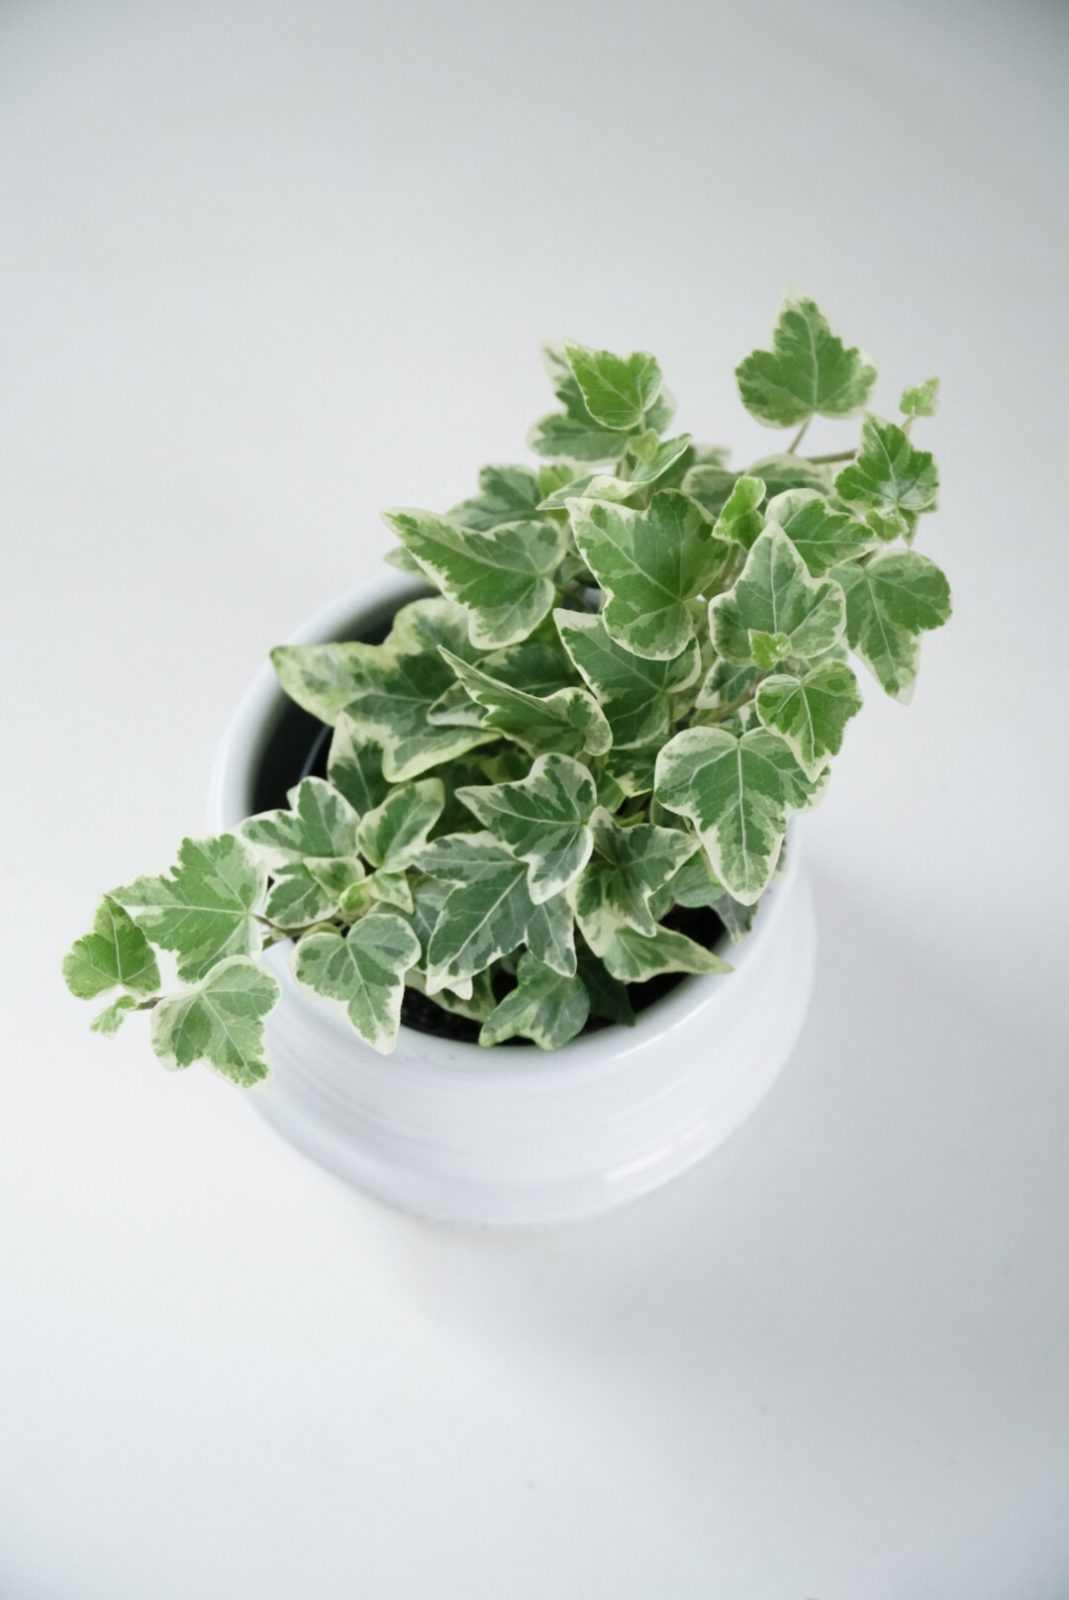 hedera helix plant plantje stek stekje terracotta pot potje glas glaasje